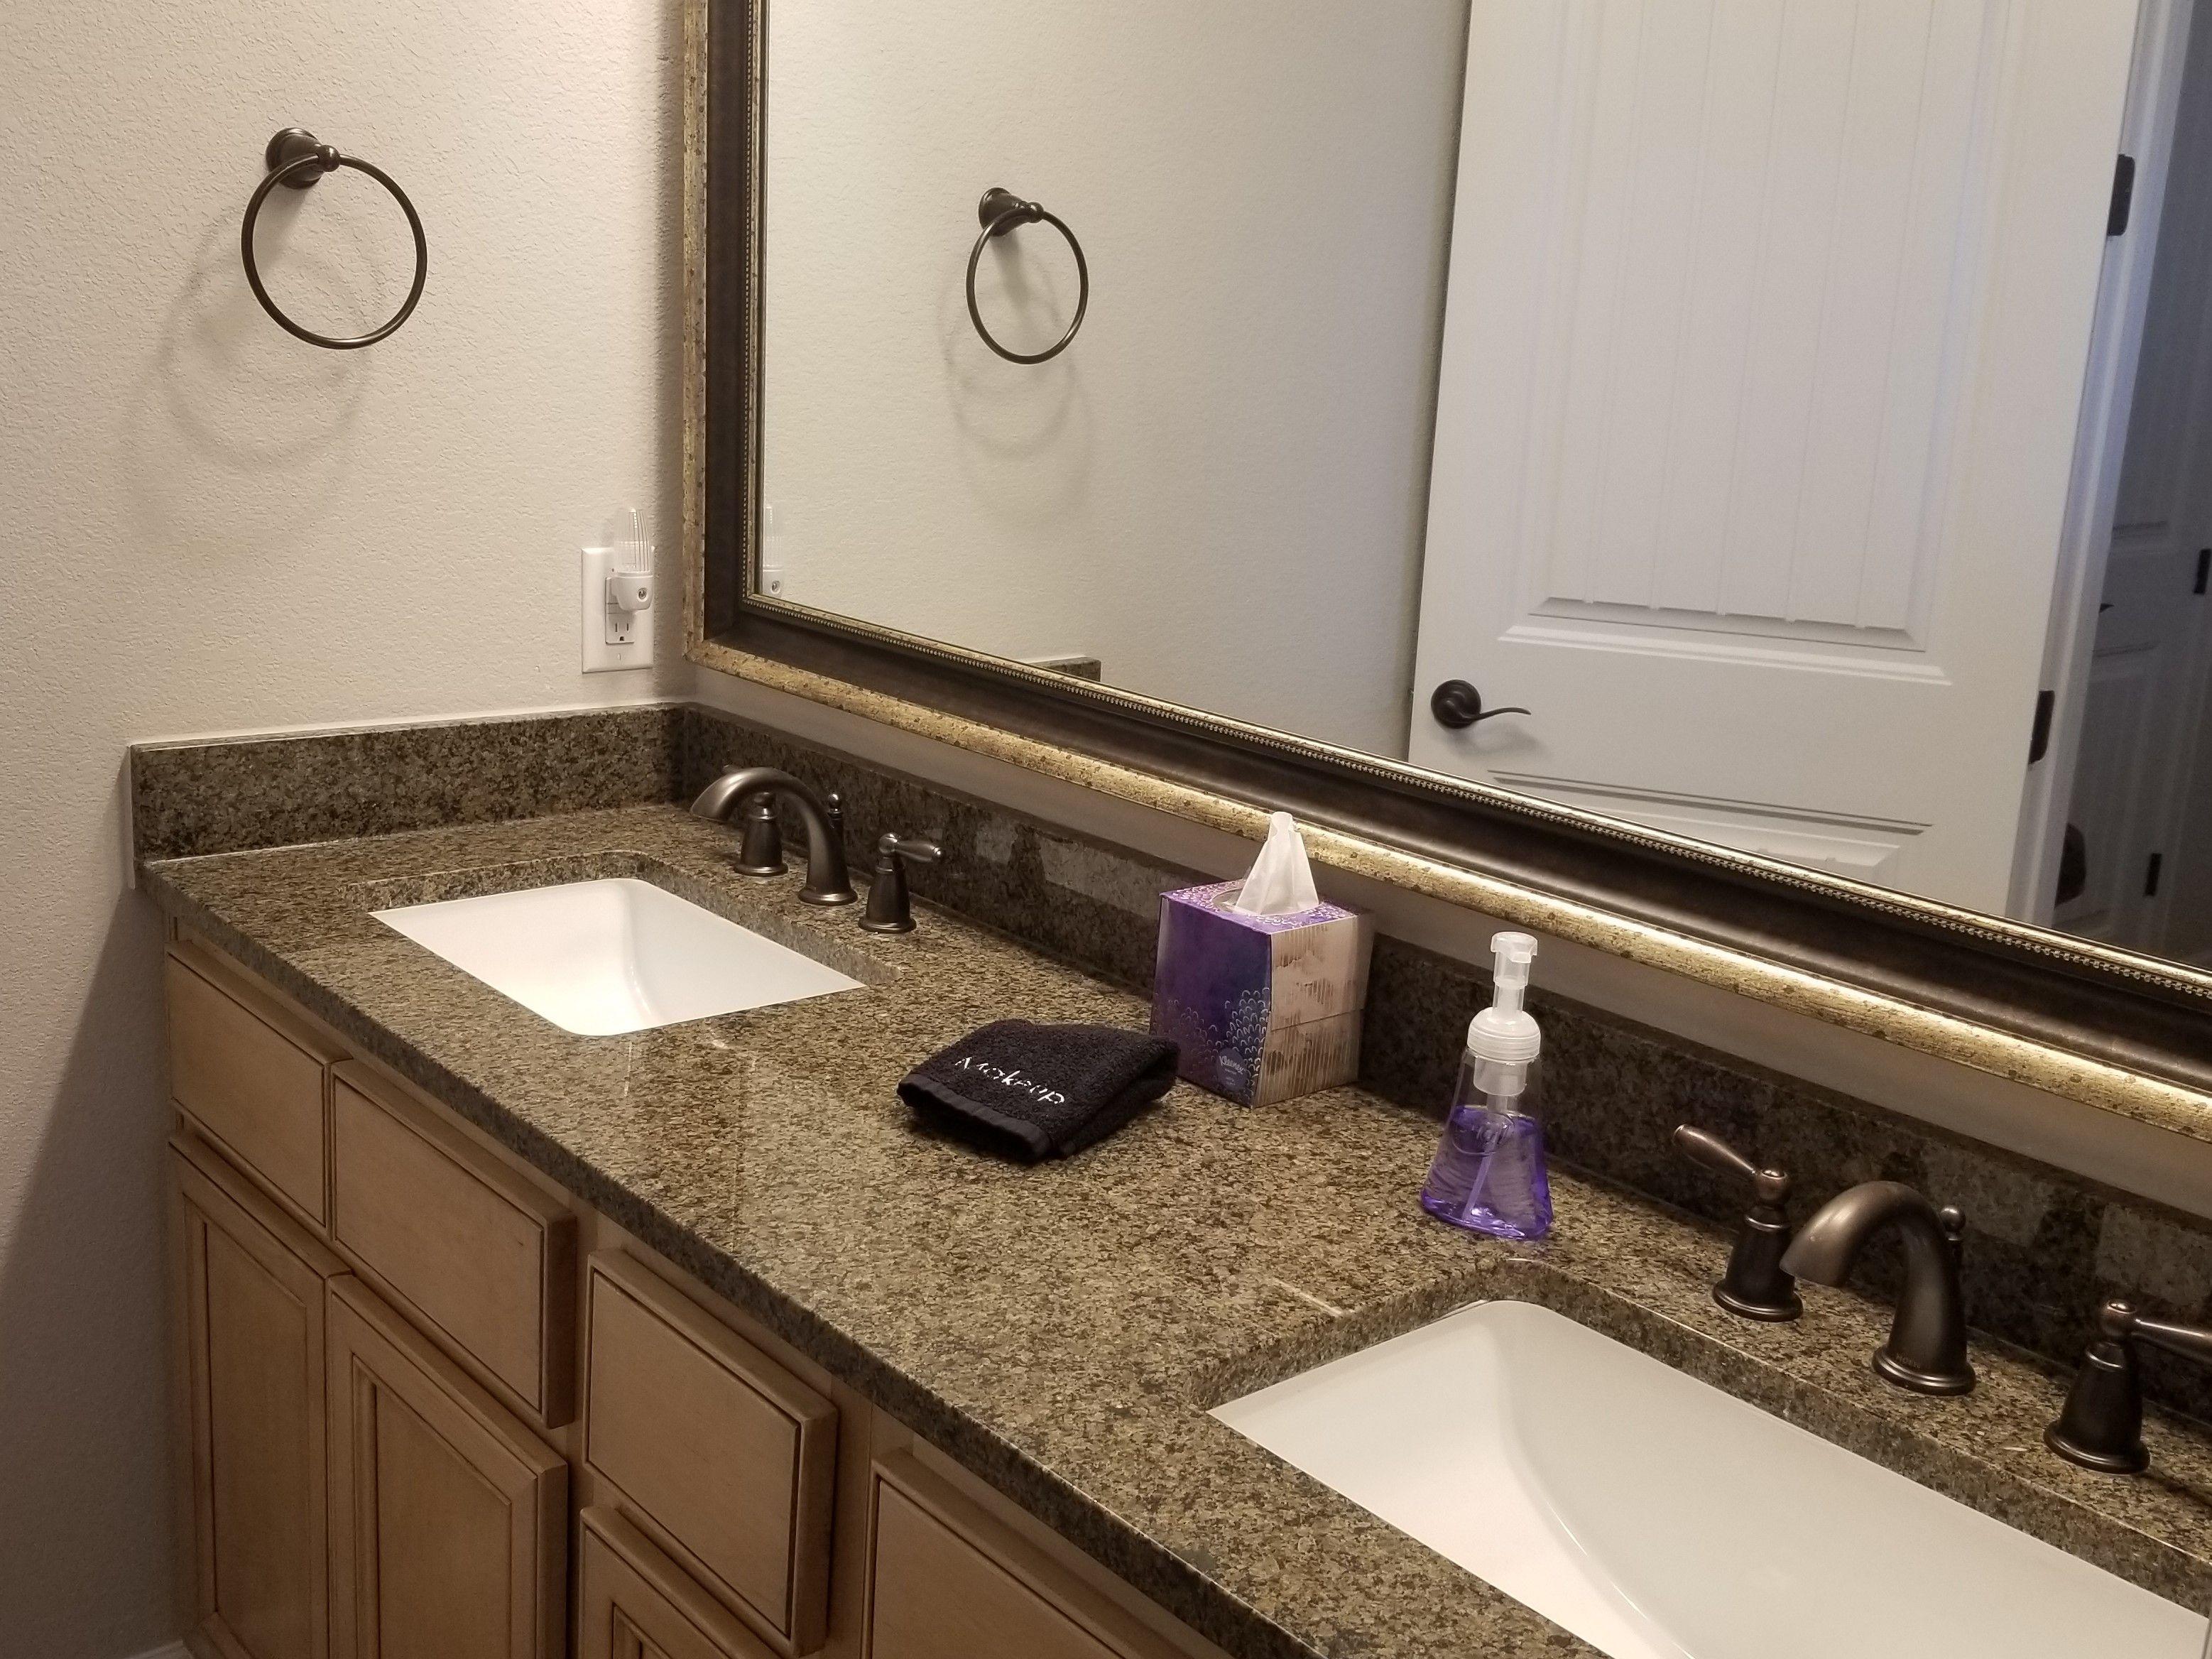 4-Rosewood Bathroom Vanity.jpg